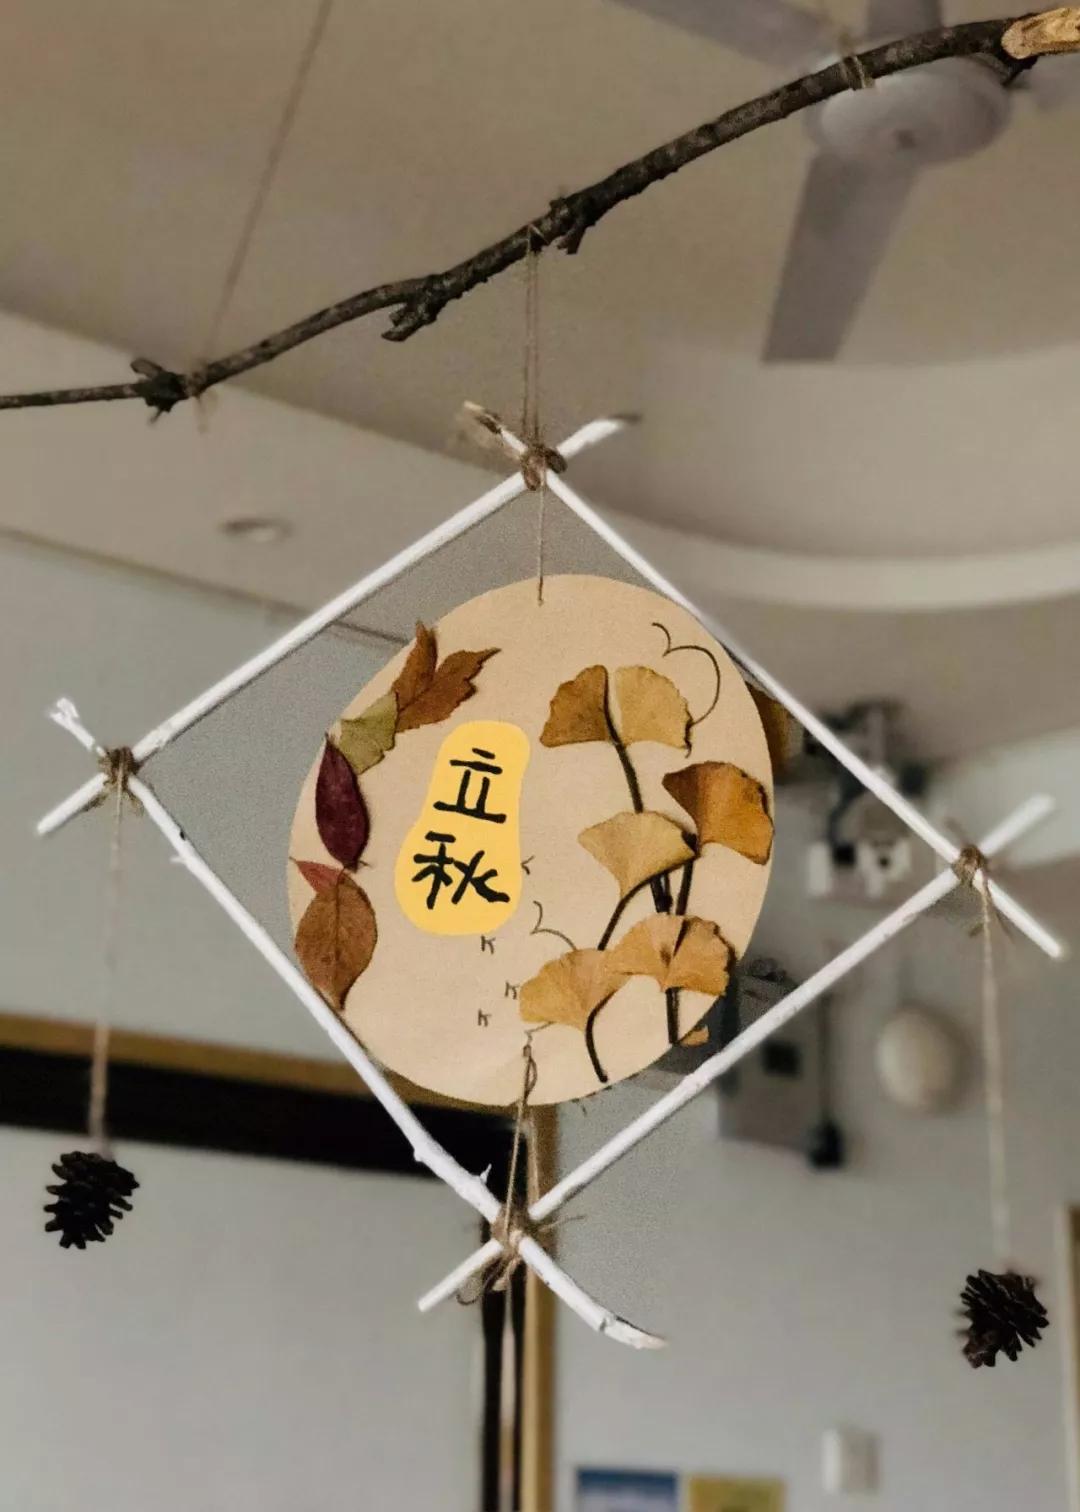 环创 | 原木系不仅仅只是树枝,这些小装饰可以显神通!